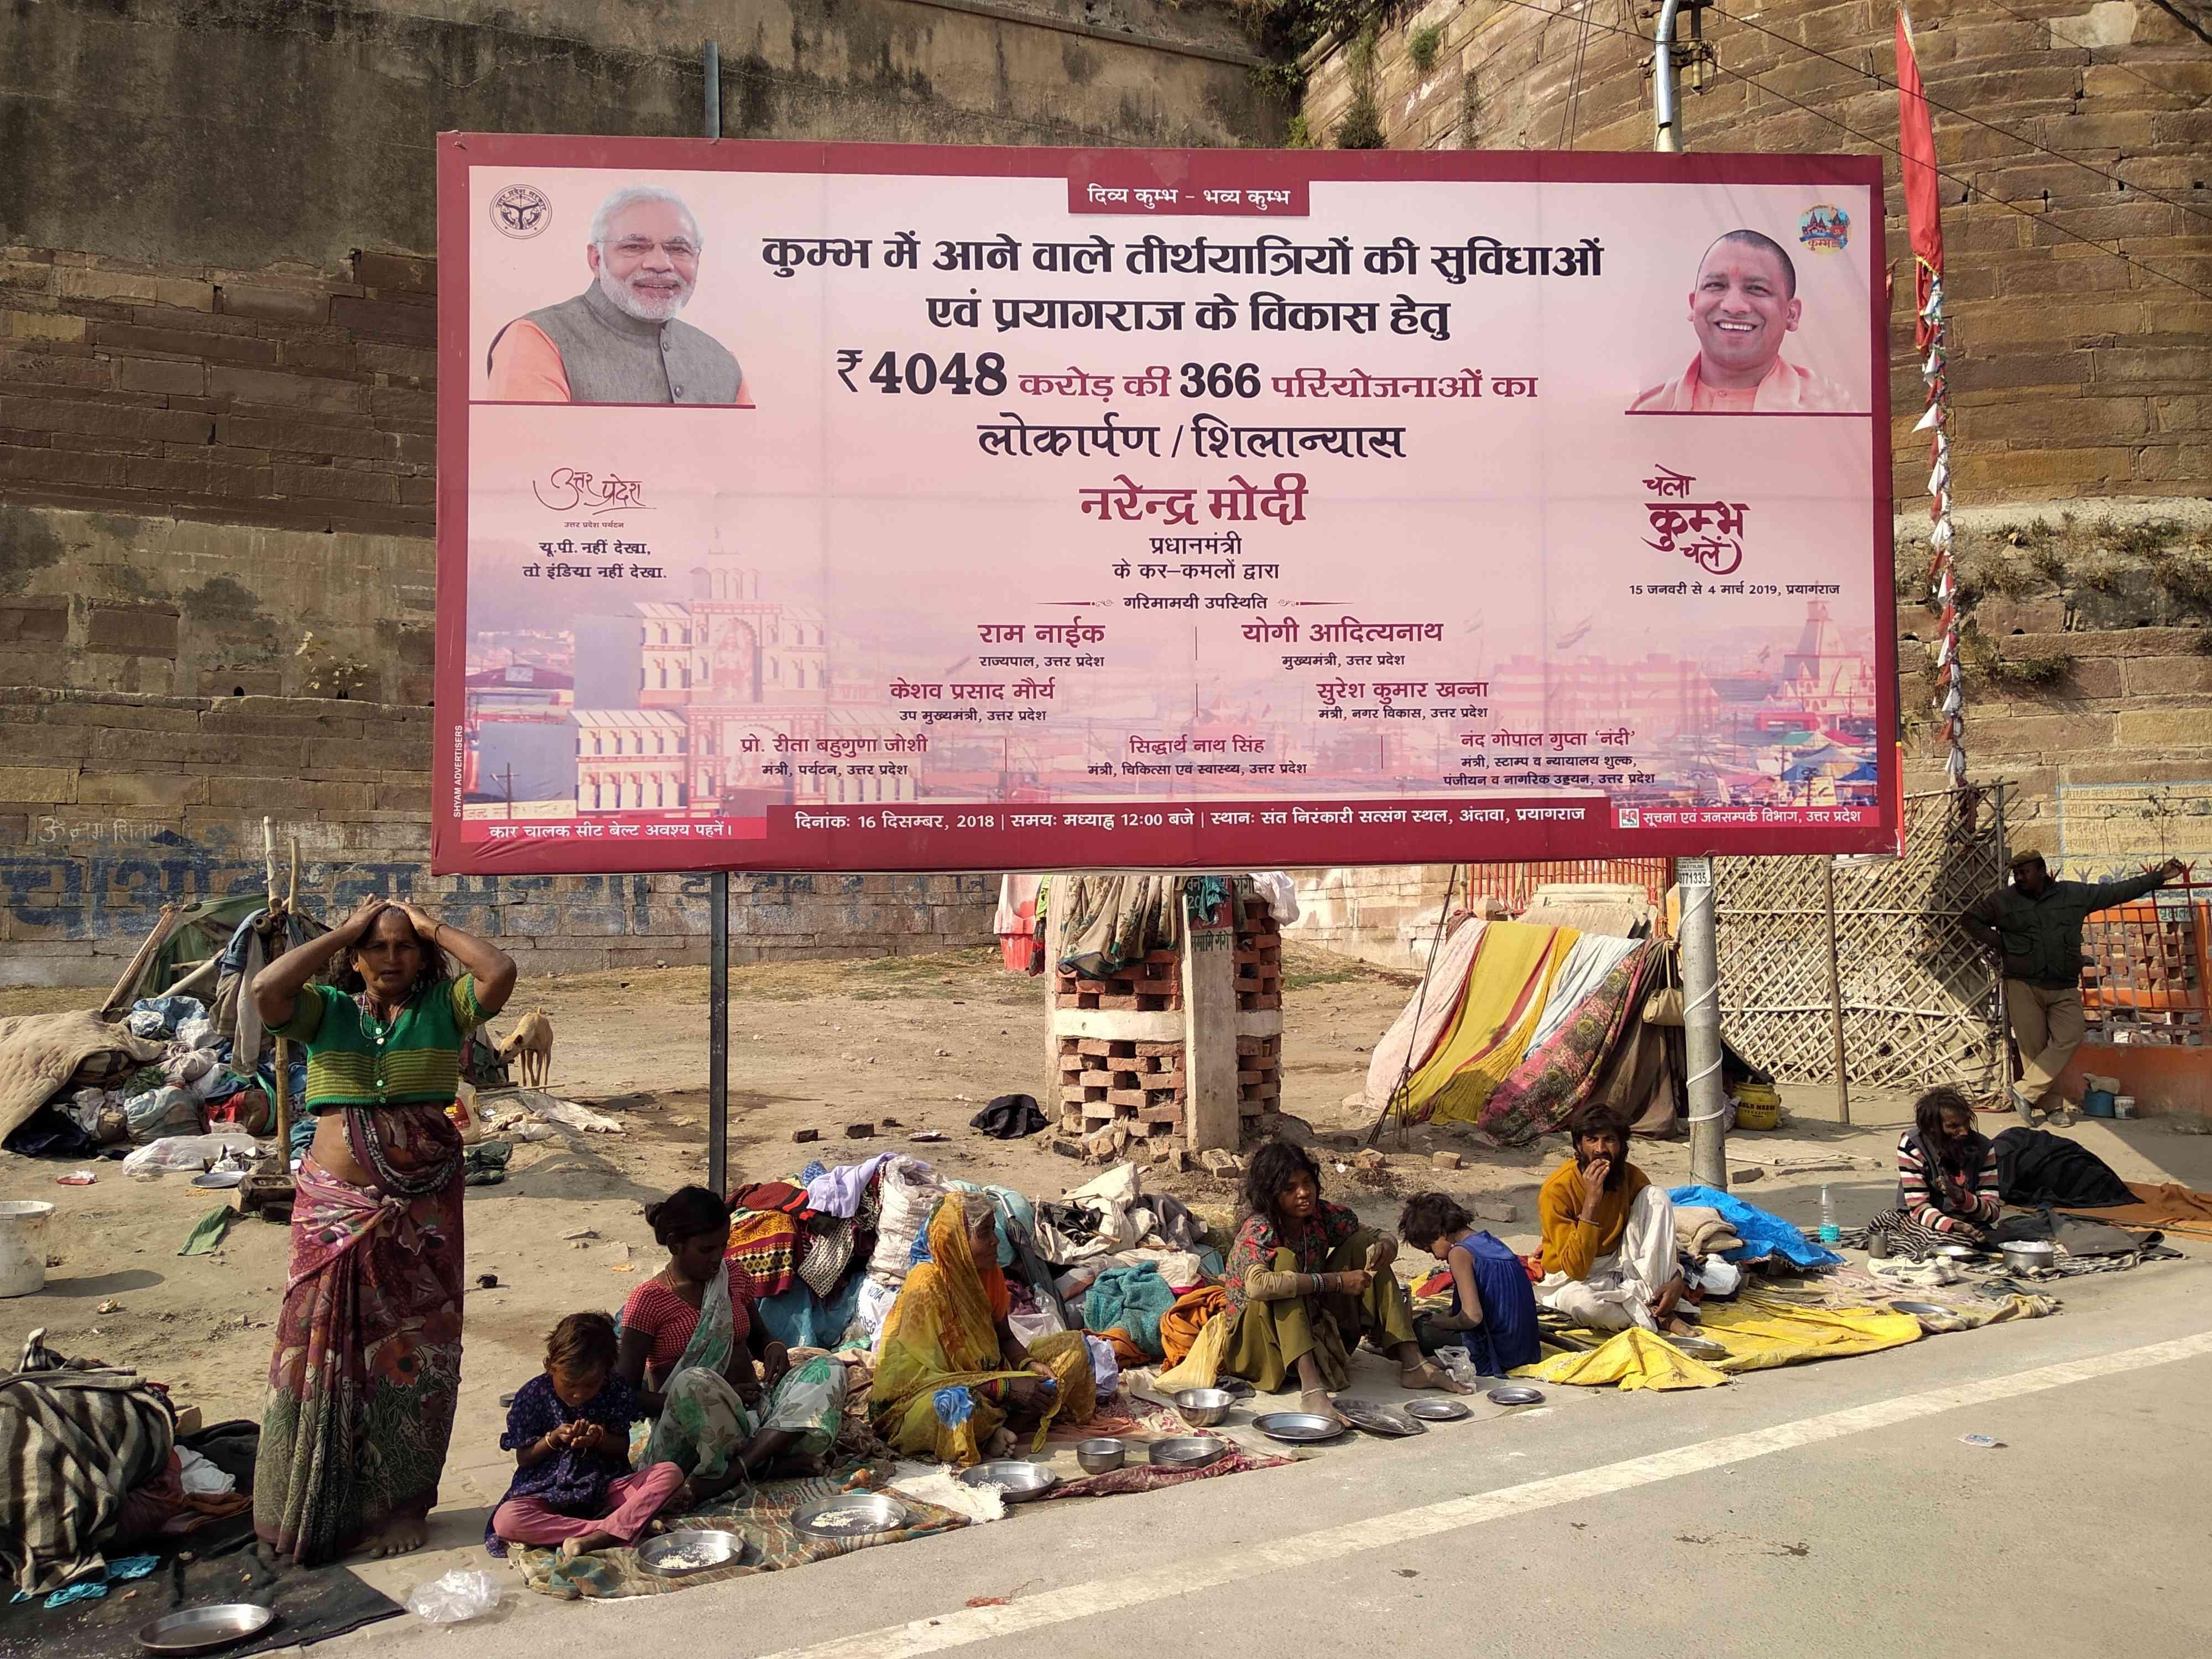 कुंभ क्षेत्र में सरकारी होर्डिंग | सभी फोटो: हेमंत कुमार पाण्डेय